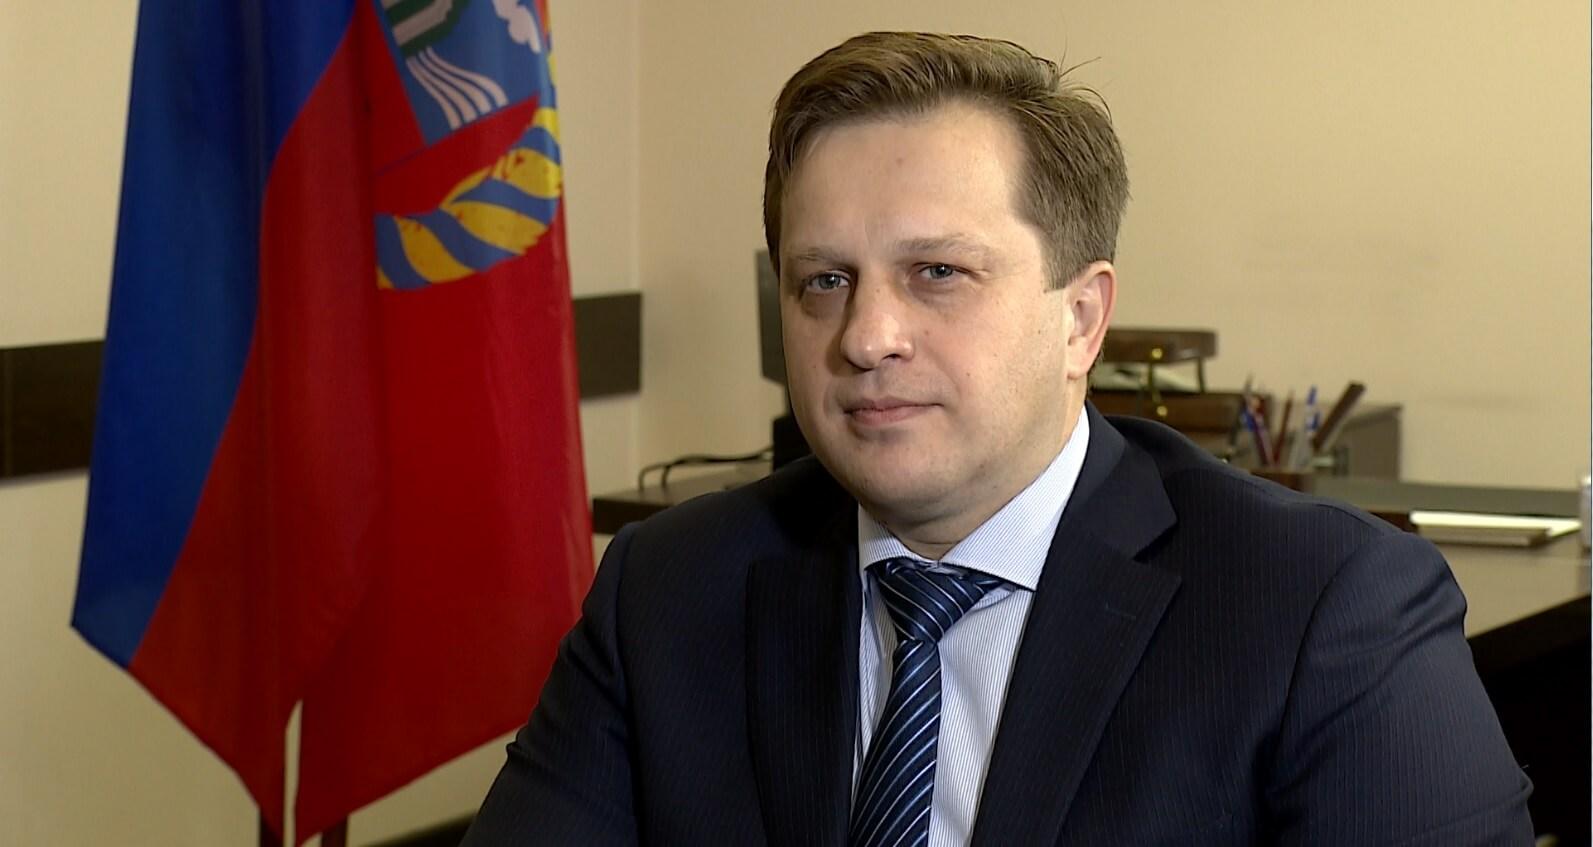 Министр здравоохранения Алтая Дмитрий Попов: В России слишком много врачебных специальностей